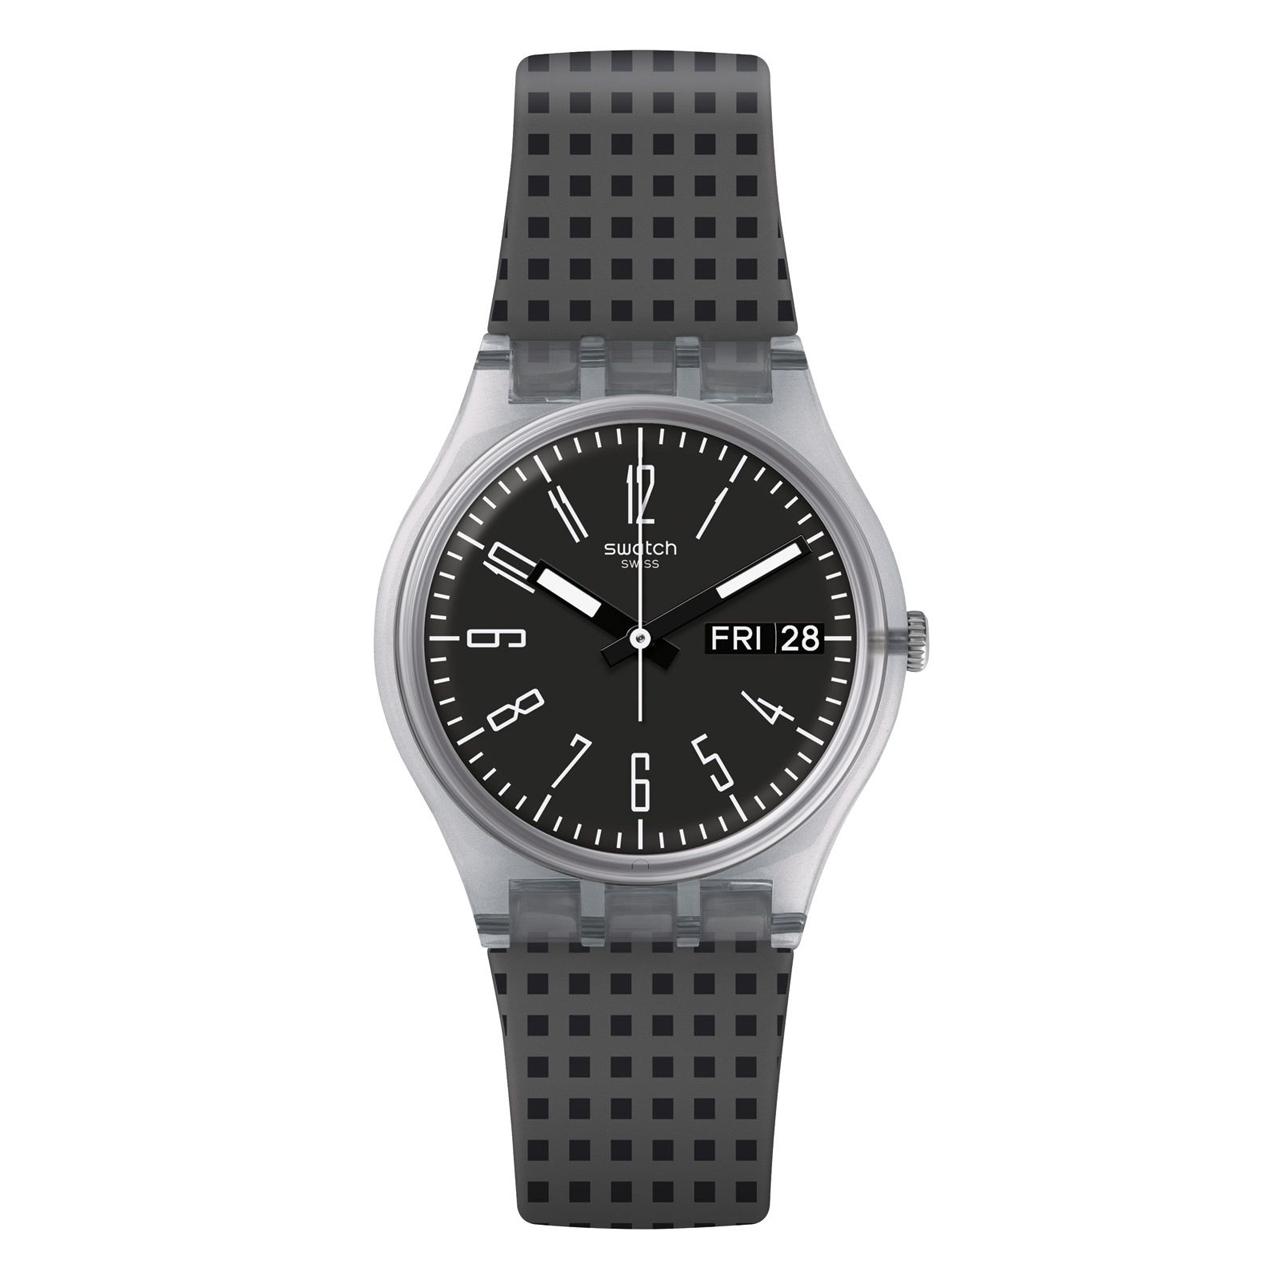 ساعت مچی عقربه ای سواچ مدل GE712 1